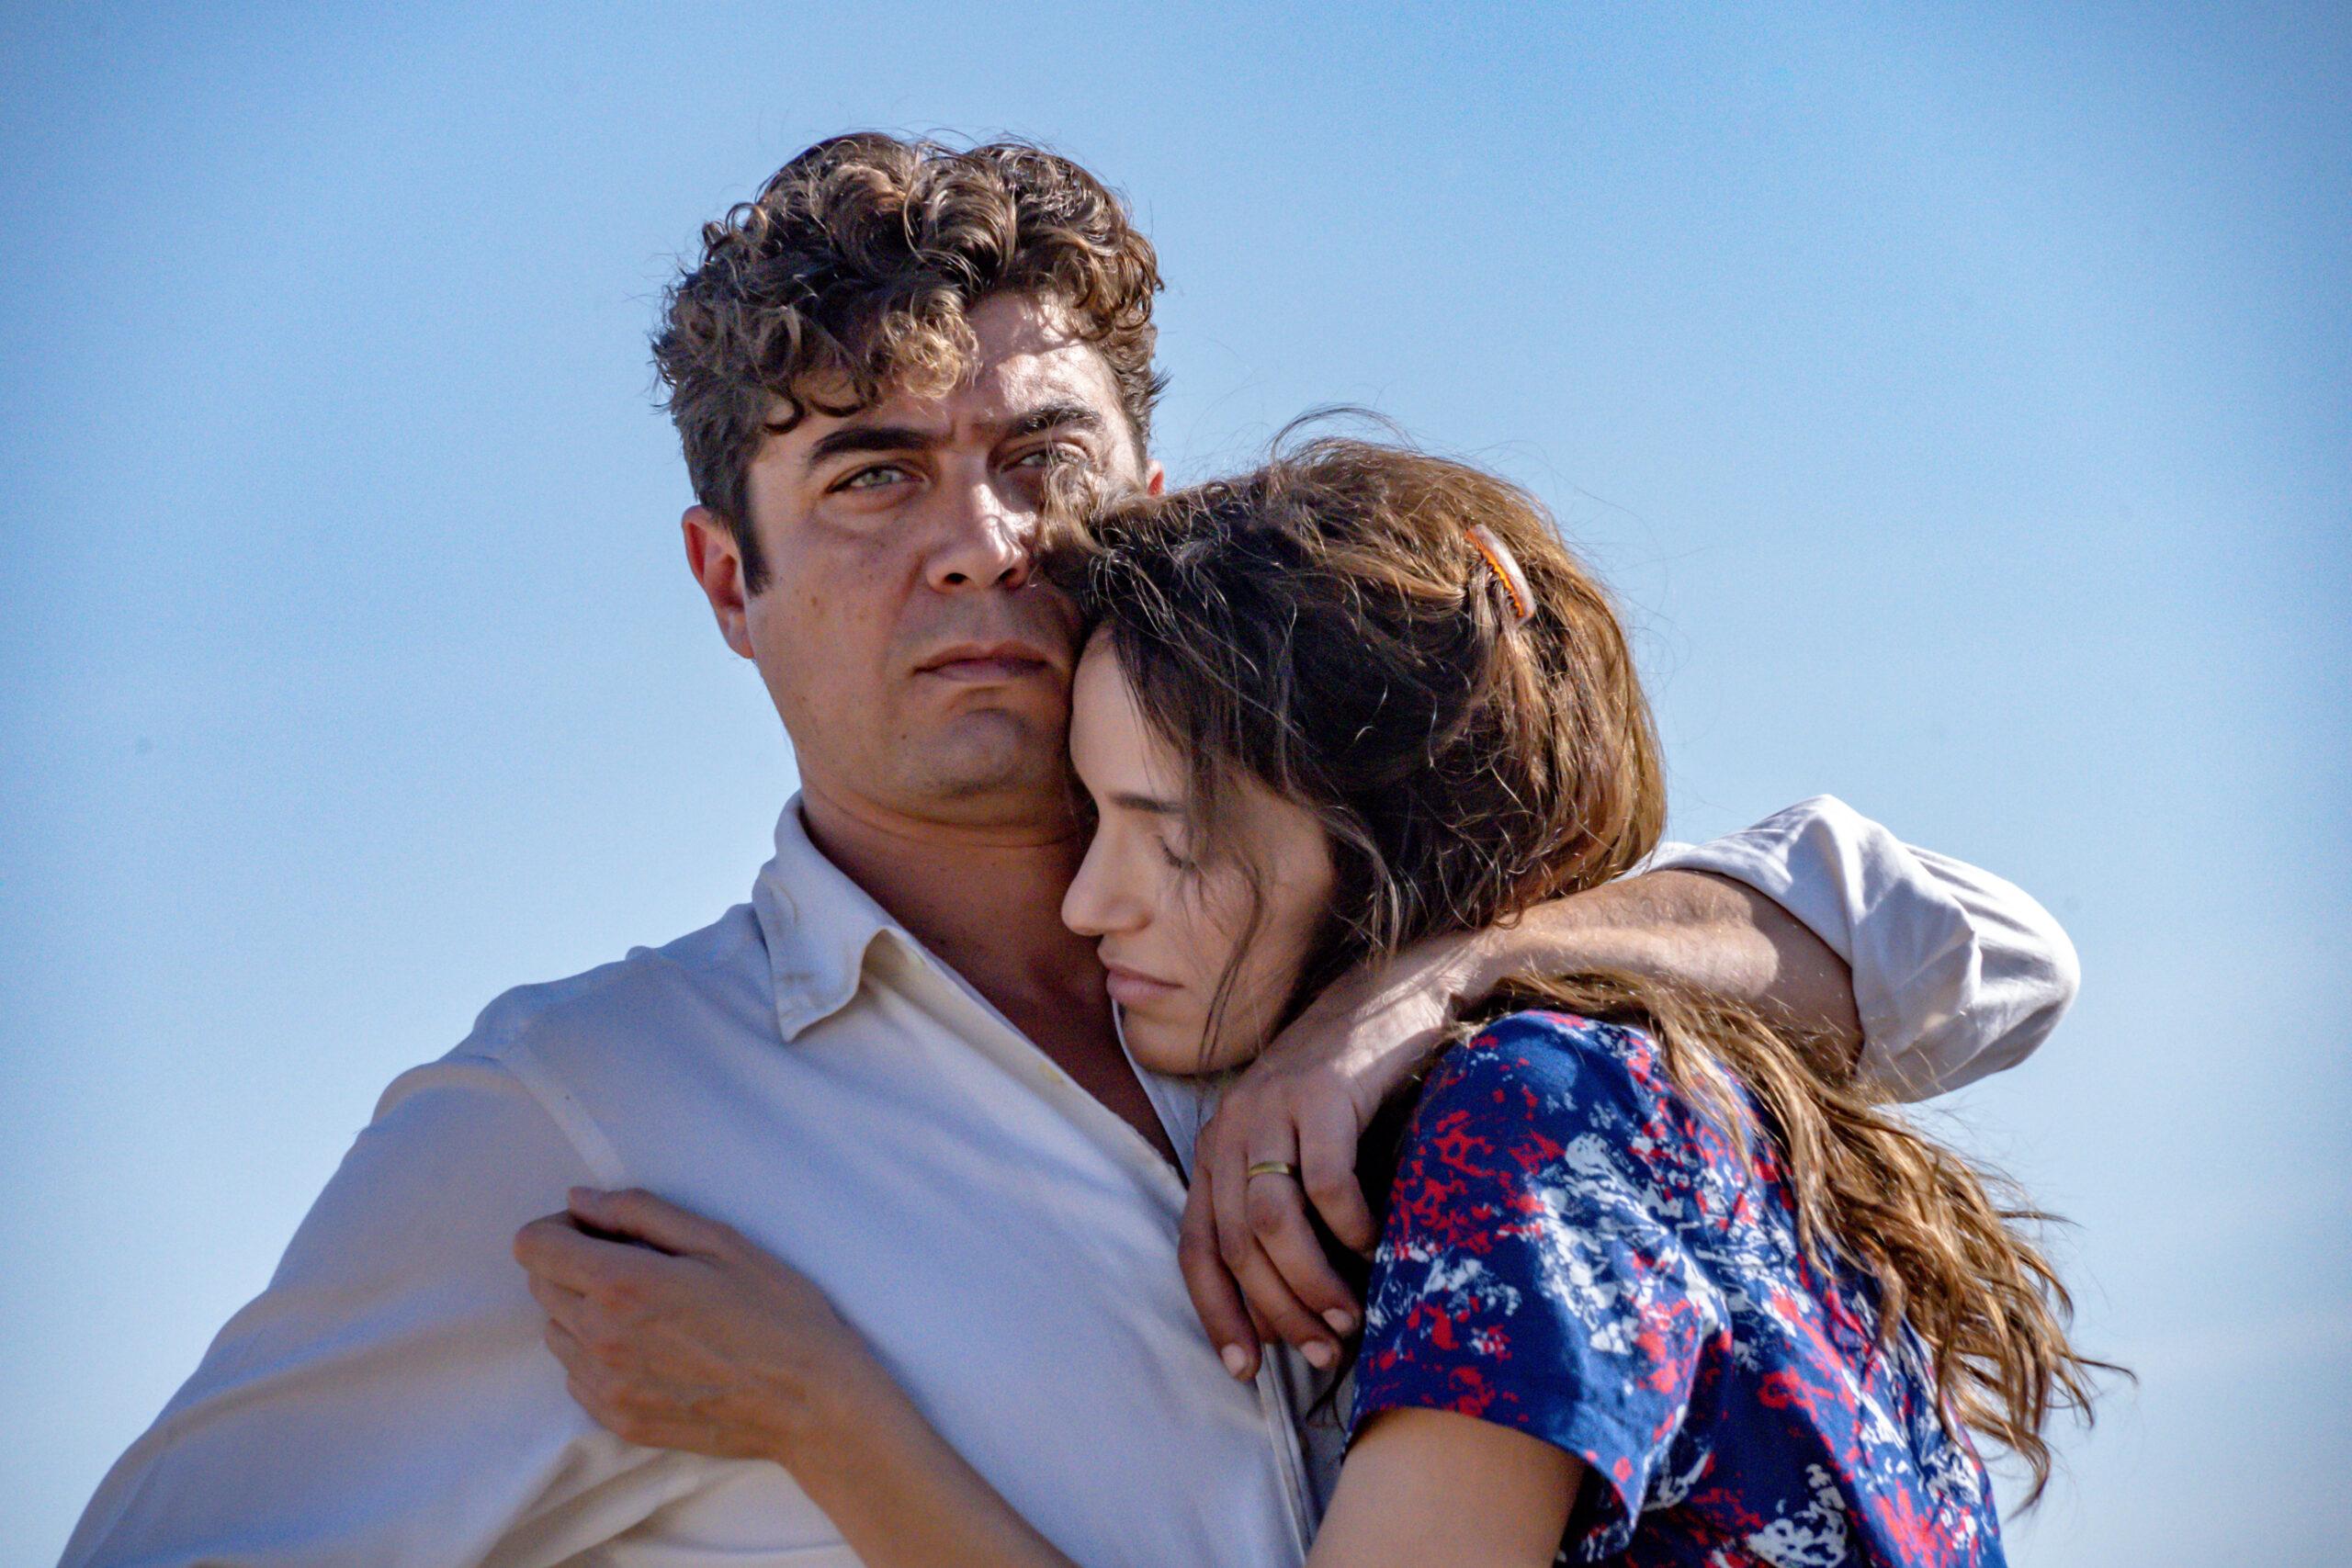 L'Ultimo Paradiso: il trailer ufficiale del dramma Netflix con Riccardo Scamarcio